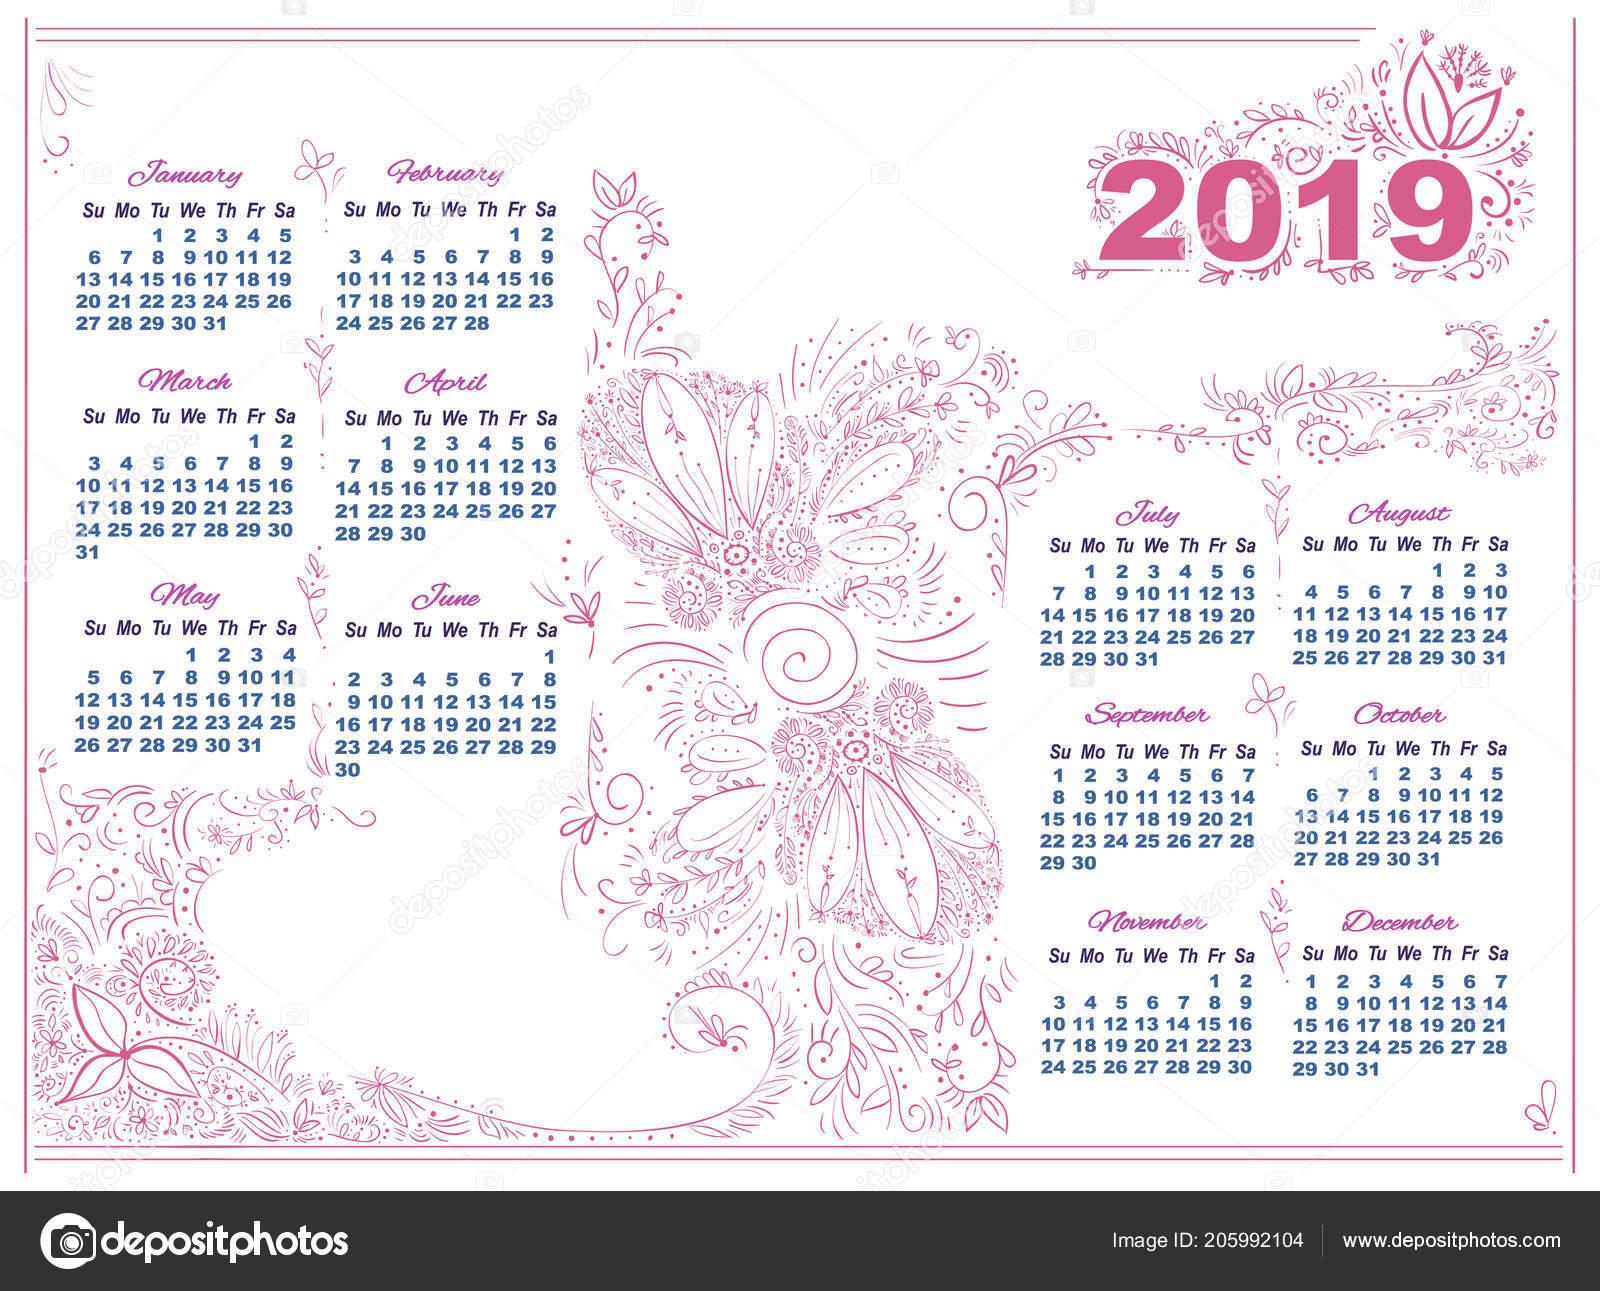 Calendario 2019 Rosa Portugues.Calendar Pink Doodle Decor 2019 White Background Stock